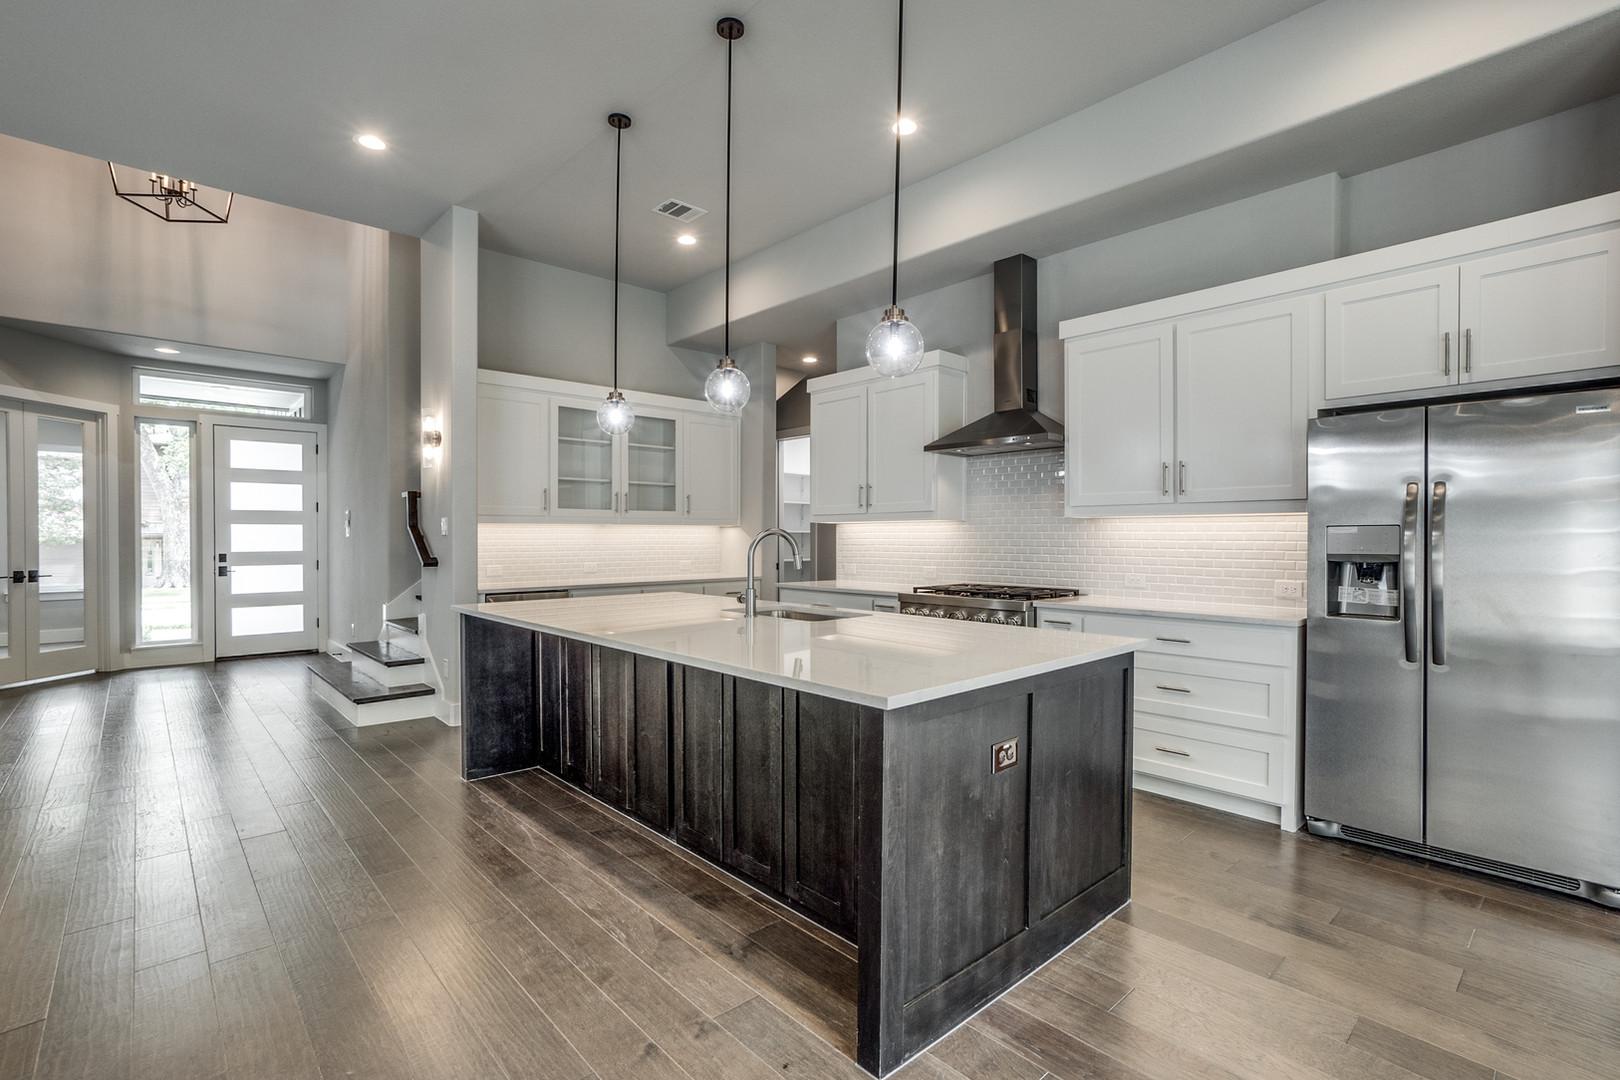 4417-somerville-Kitchen 1.jpg